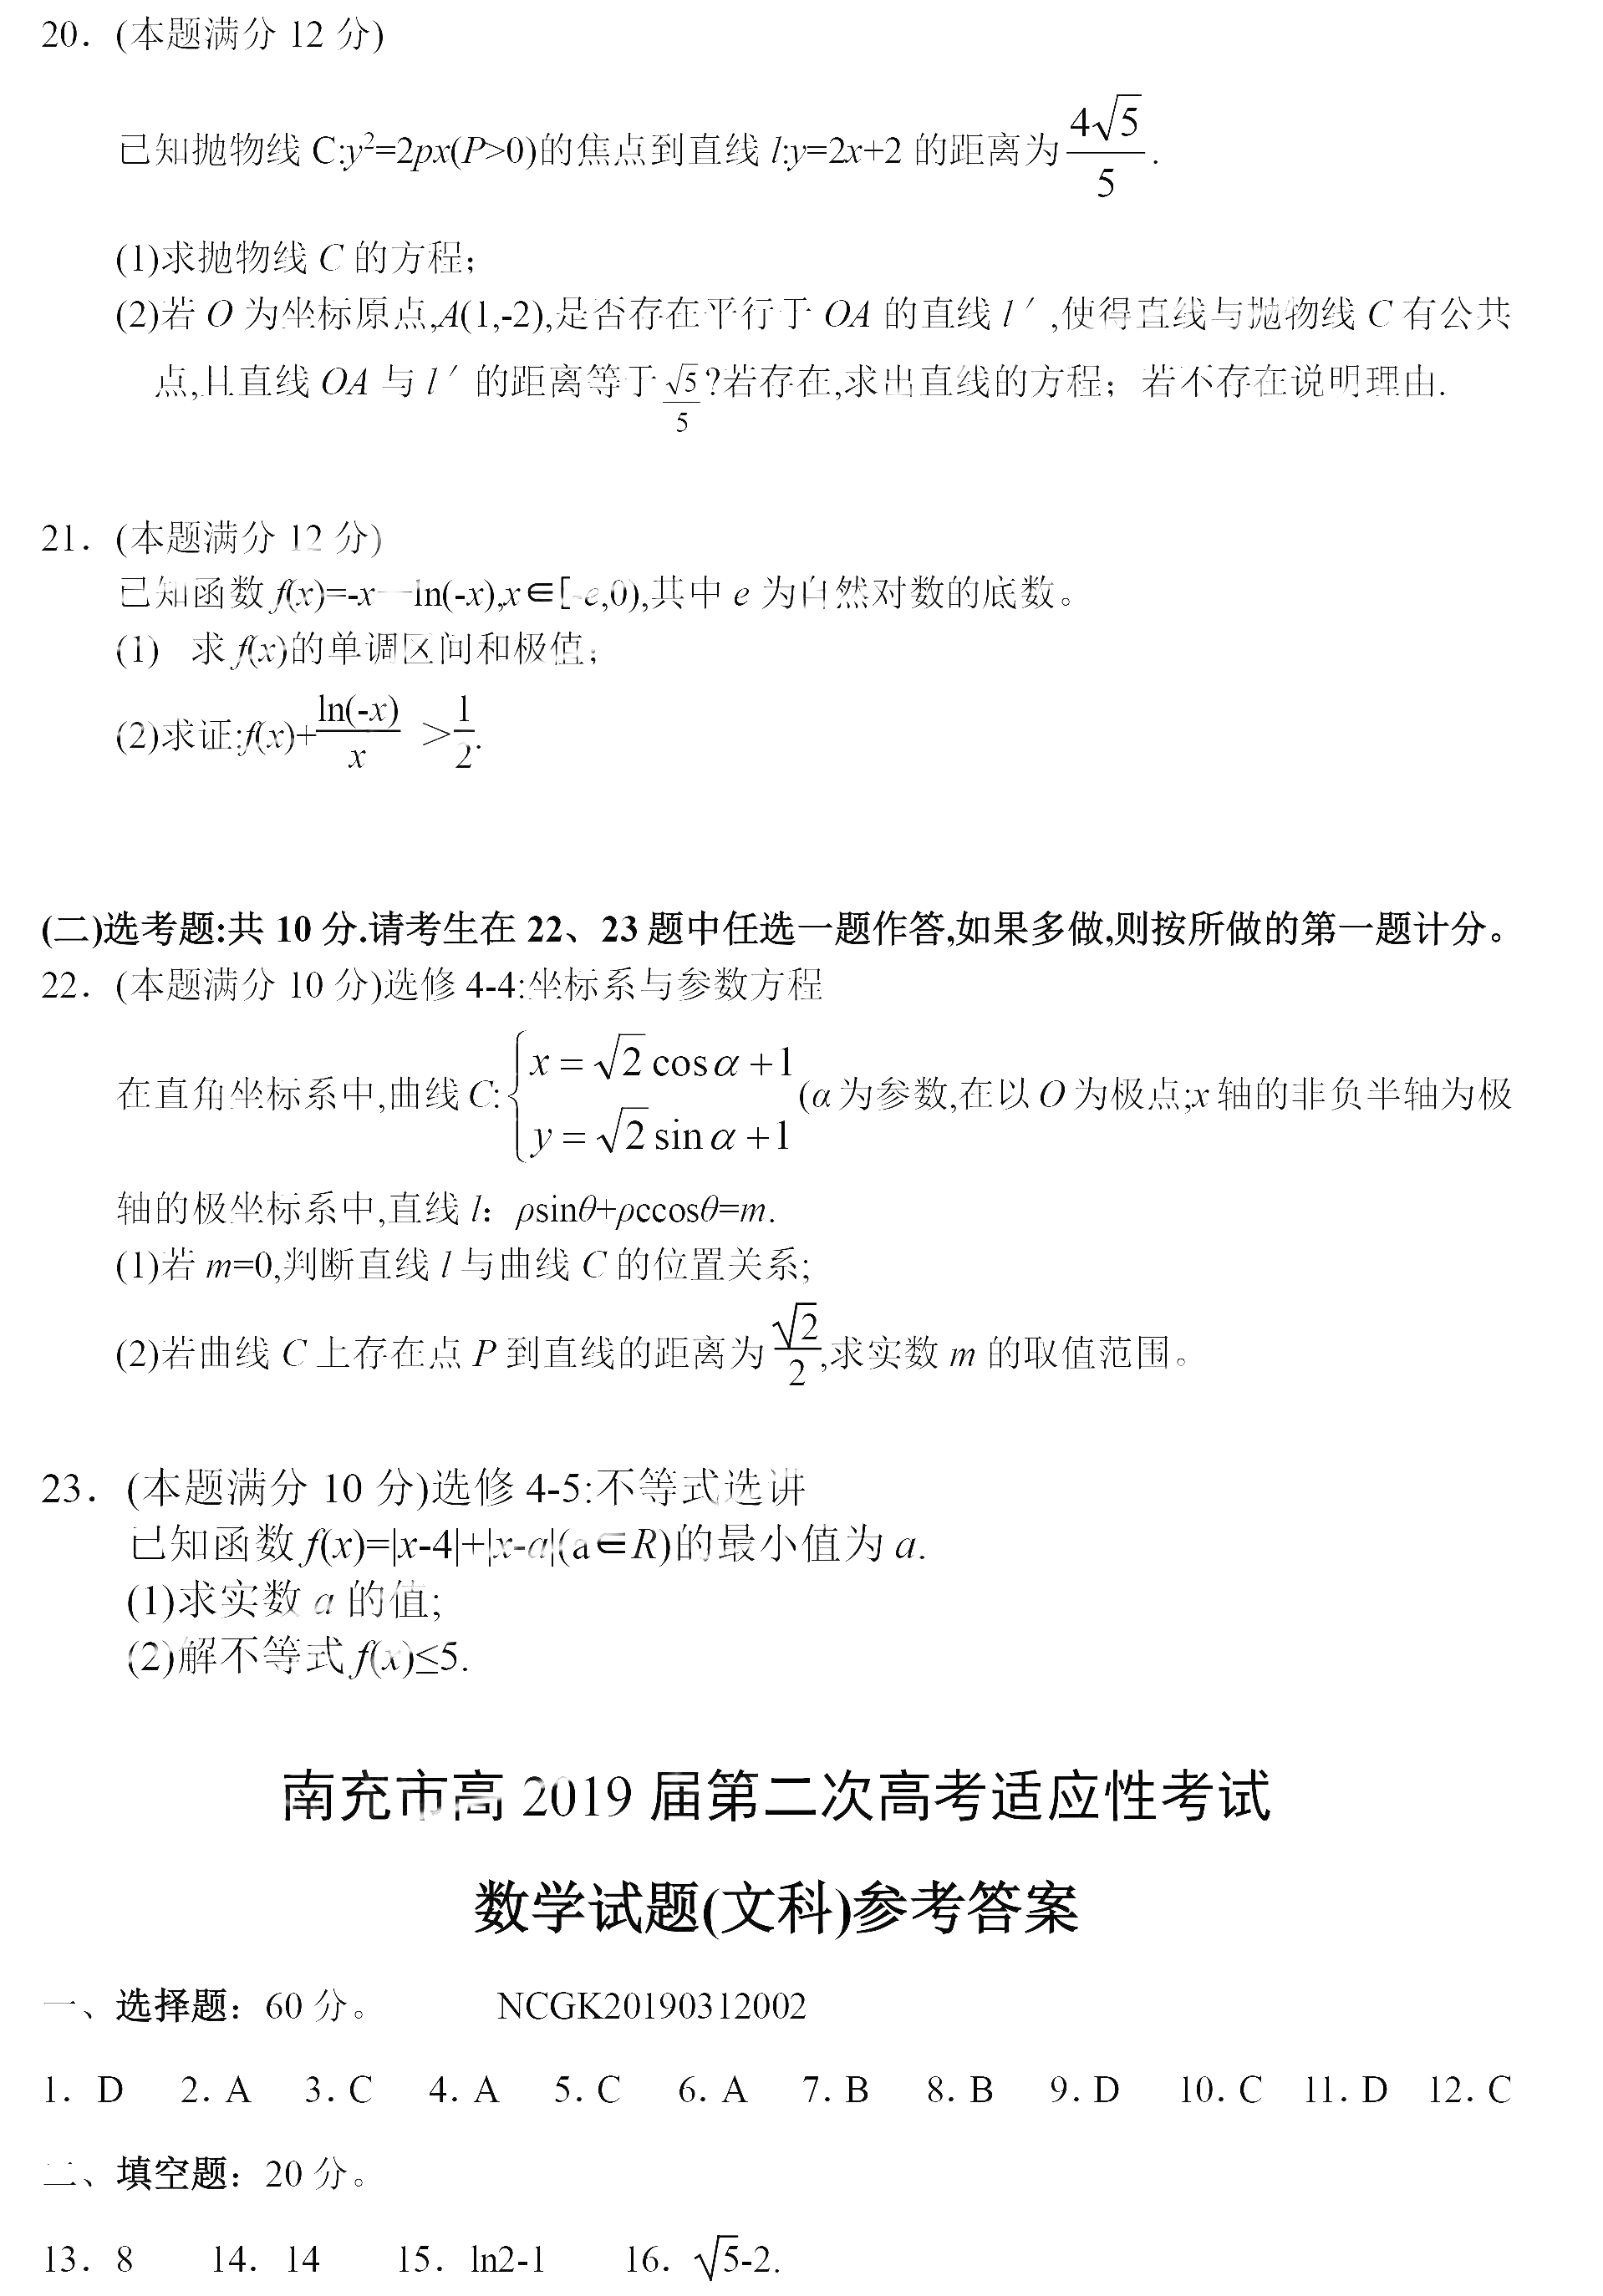 四川省南充市2019届第二次高考适应考试文科数学真题及参考答案最新公布!